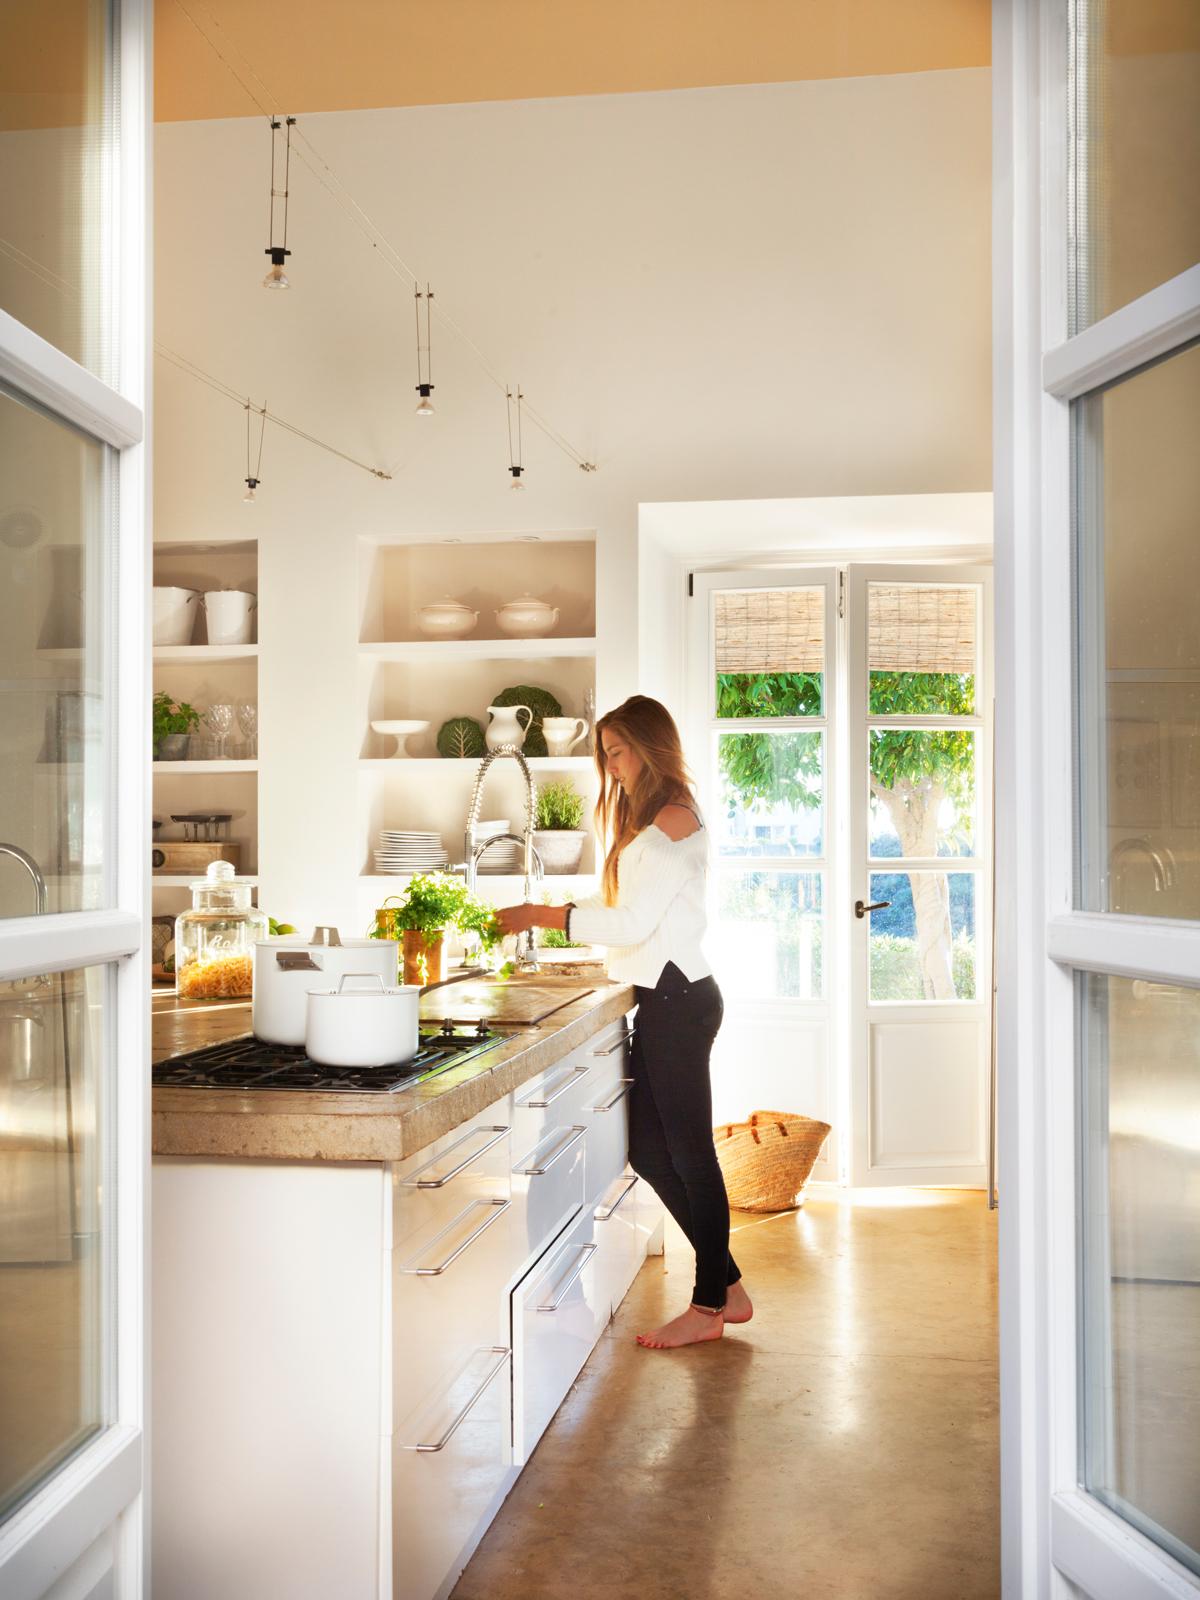 934 fotos de muebles de cocina - Maison du monde cocina ...